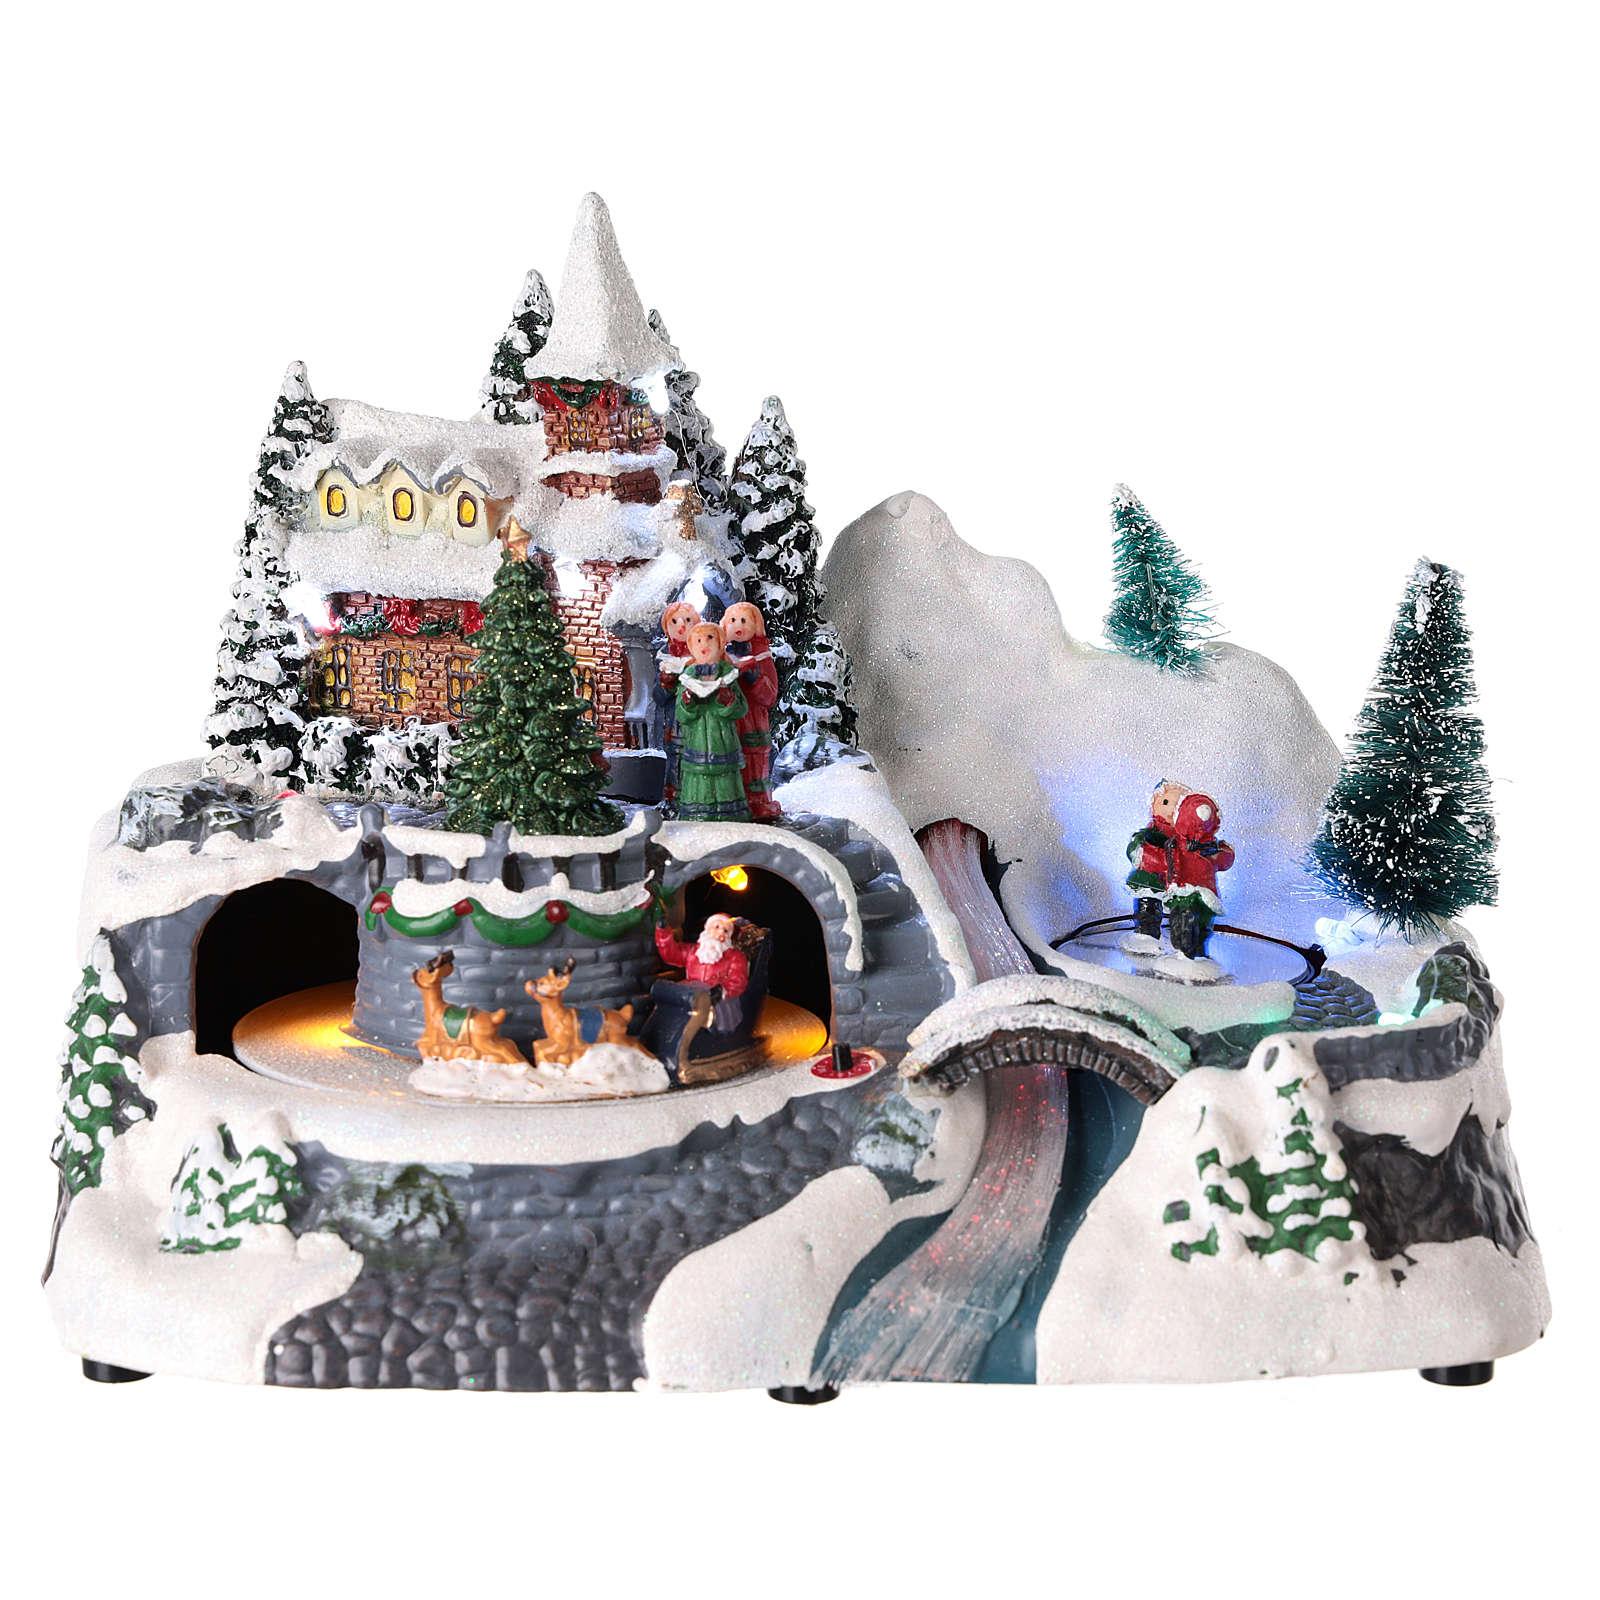 Villaggio natalizio con chiesa e cascata illuminato 20x25x15 cm 3